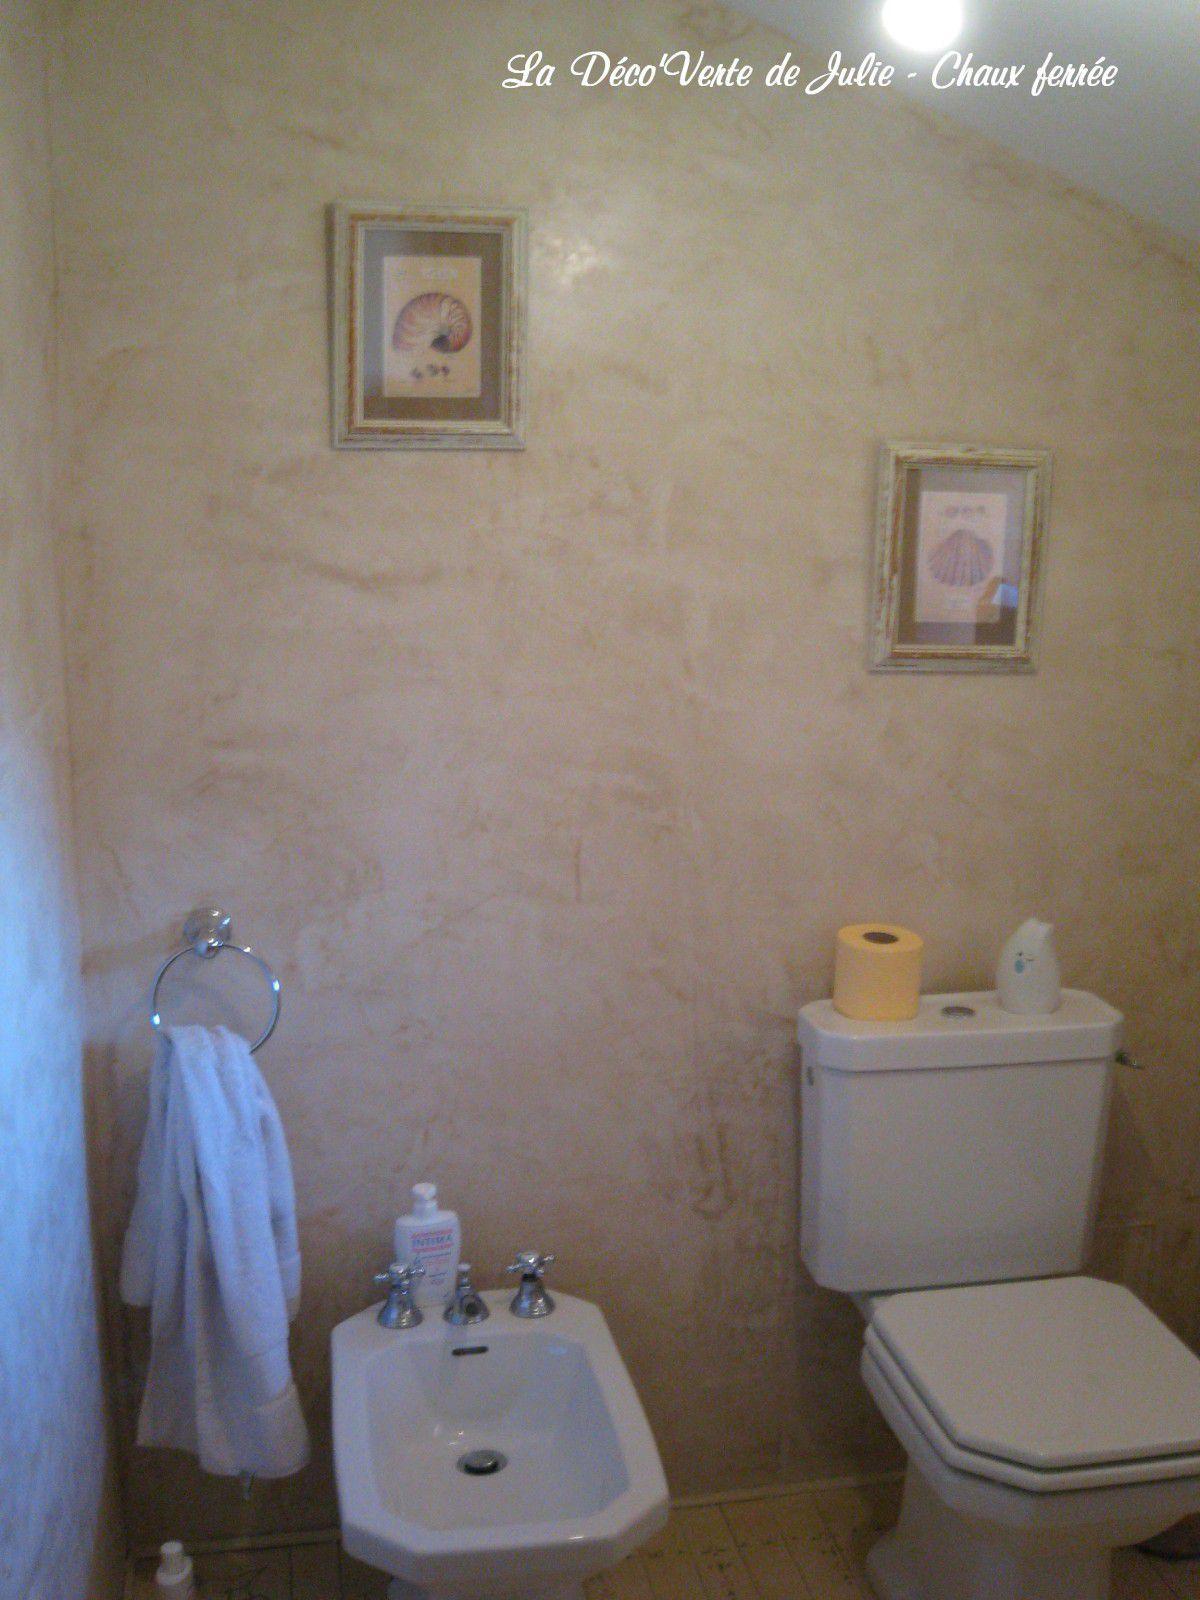 Album - La salle de bain